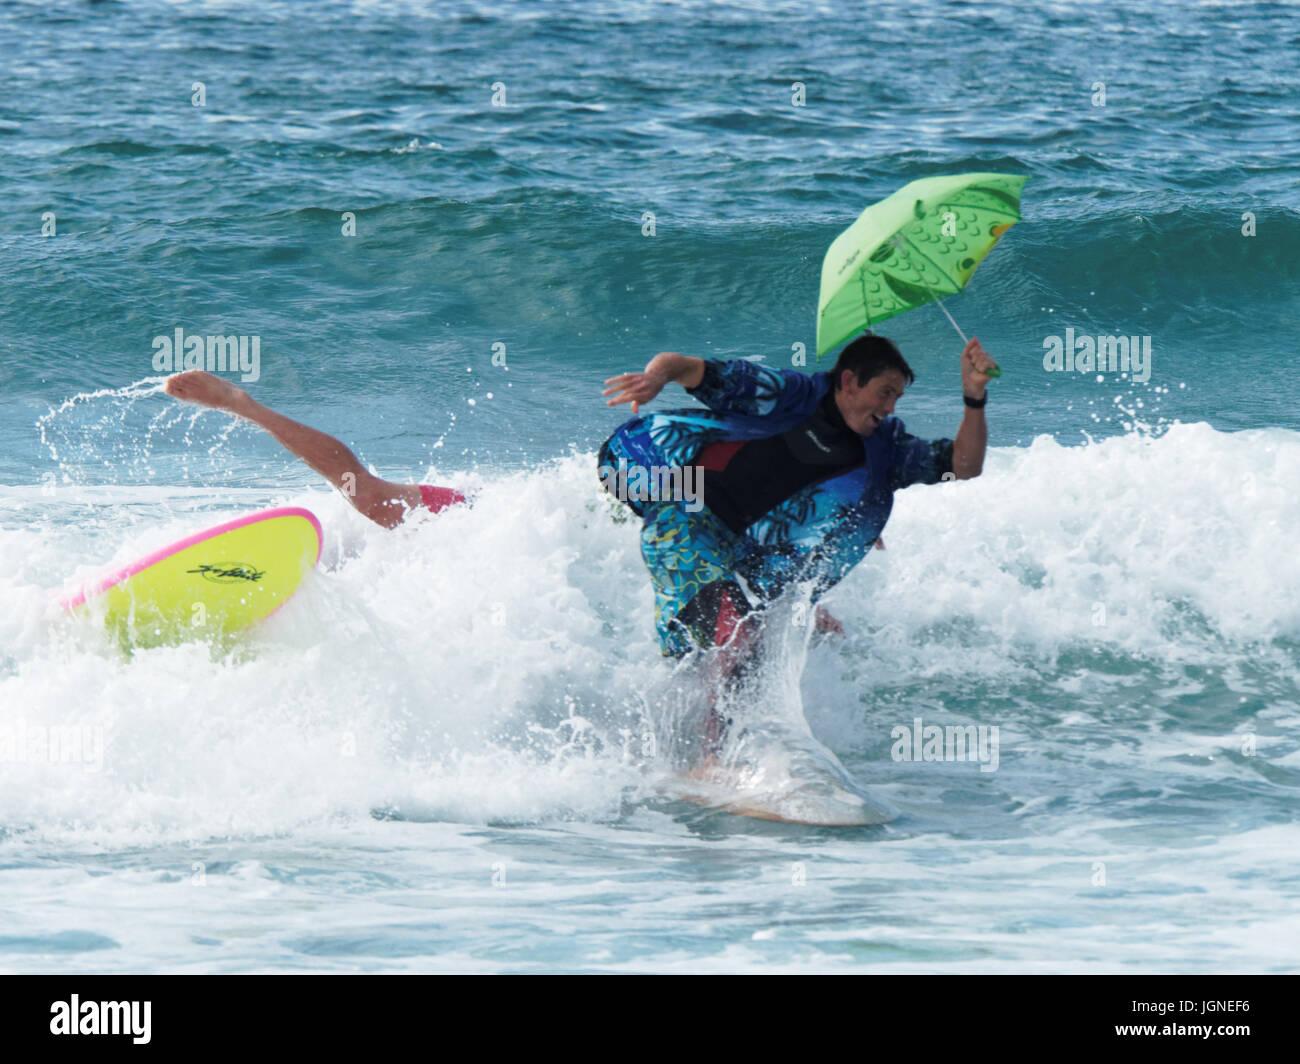 Surfing  fun fancy dress surfers Stock Photo